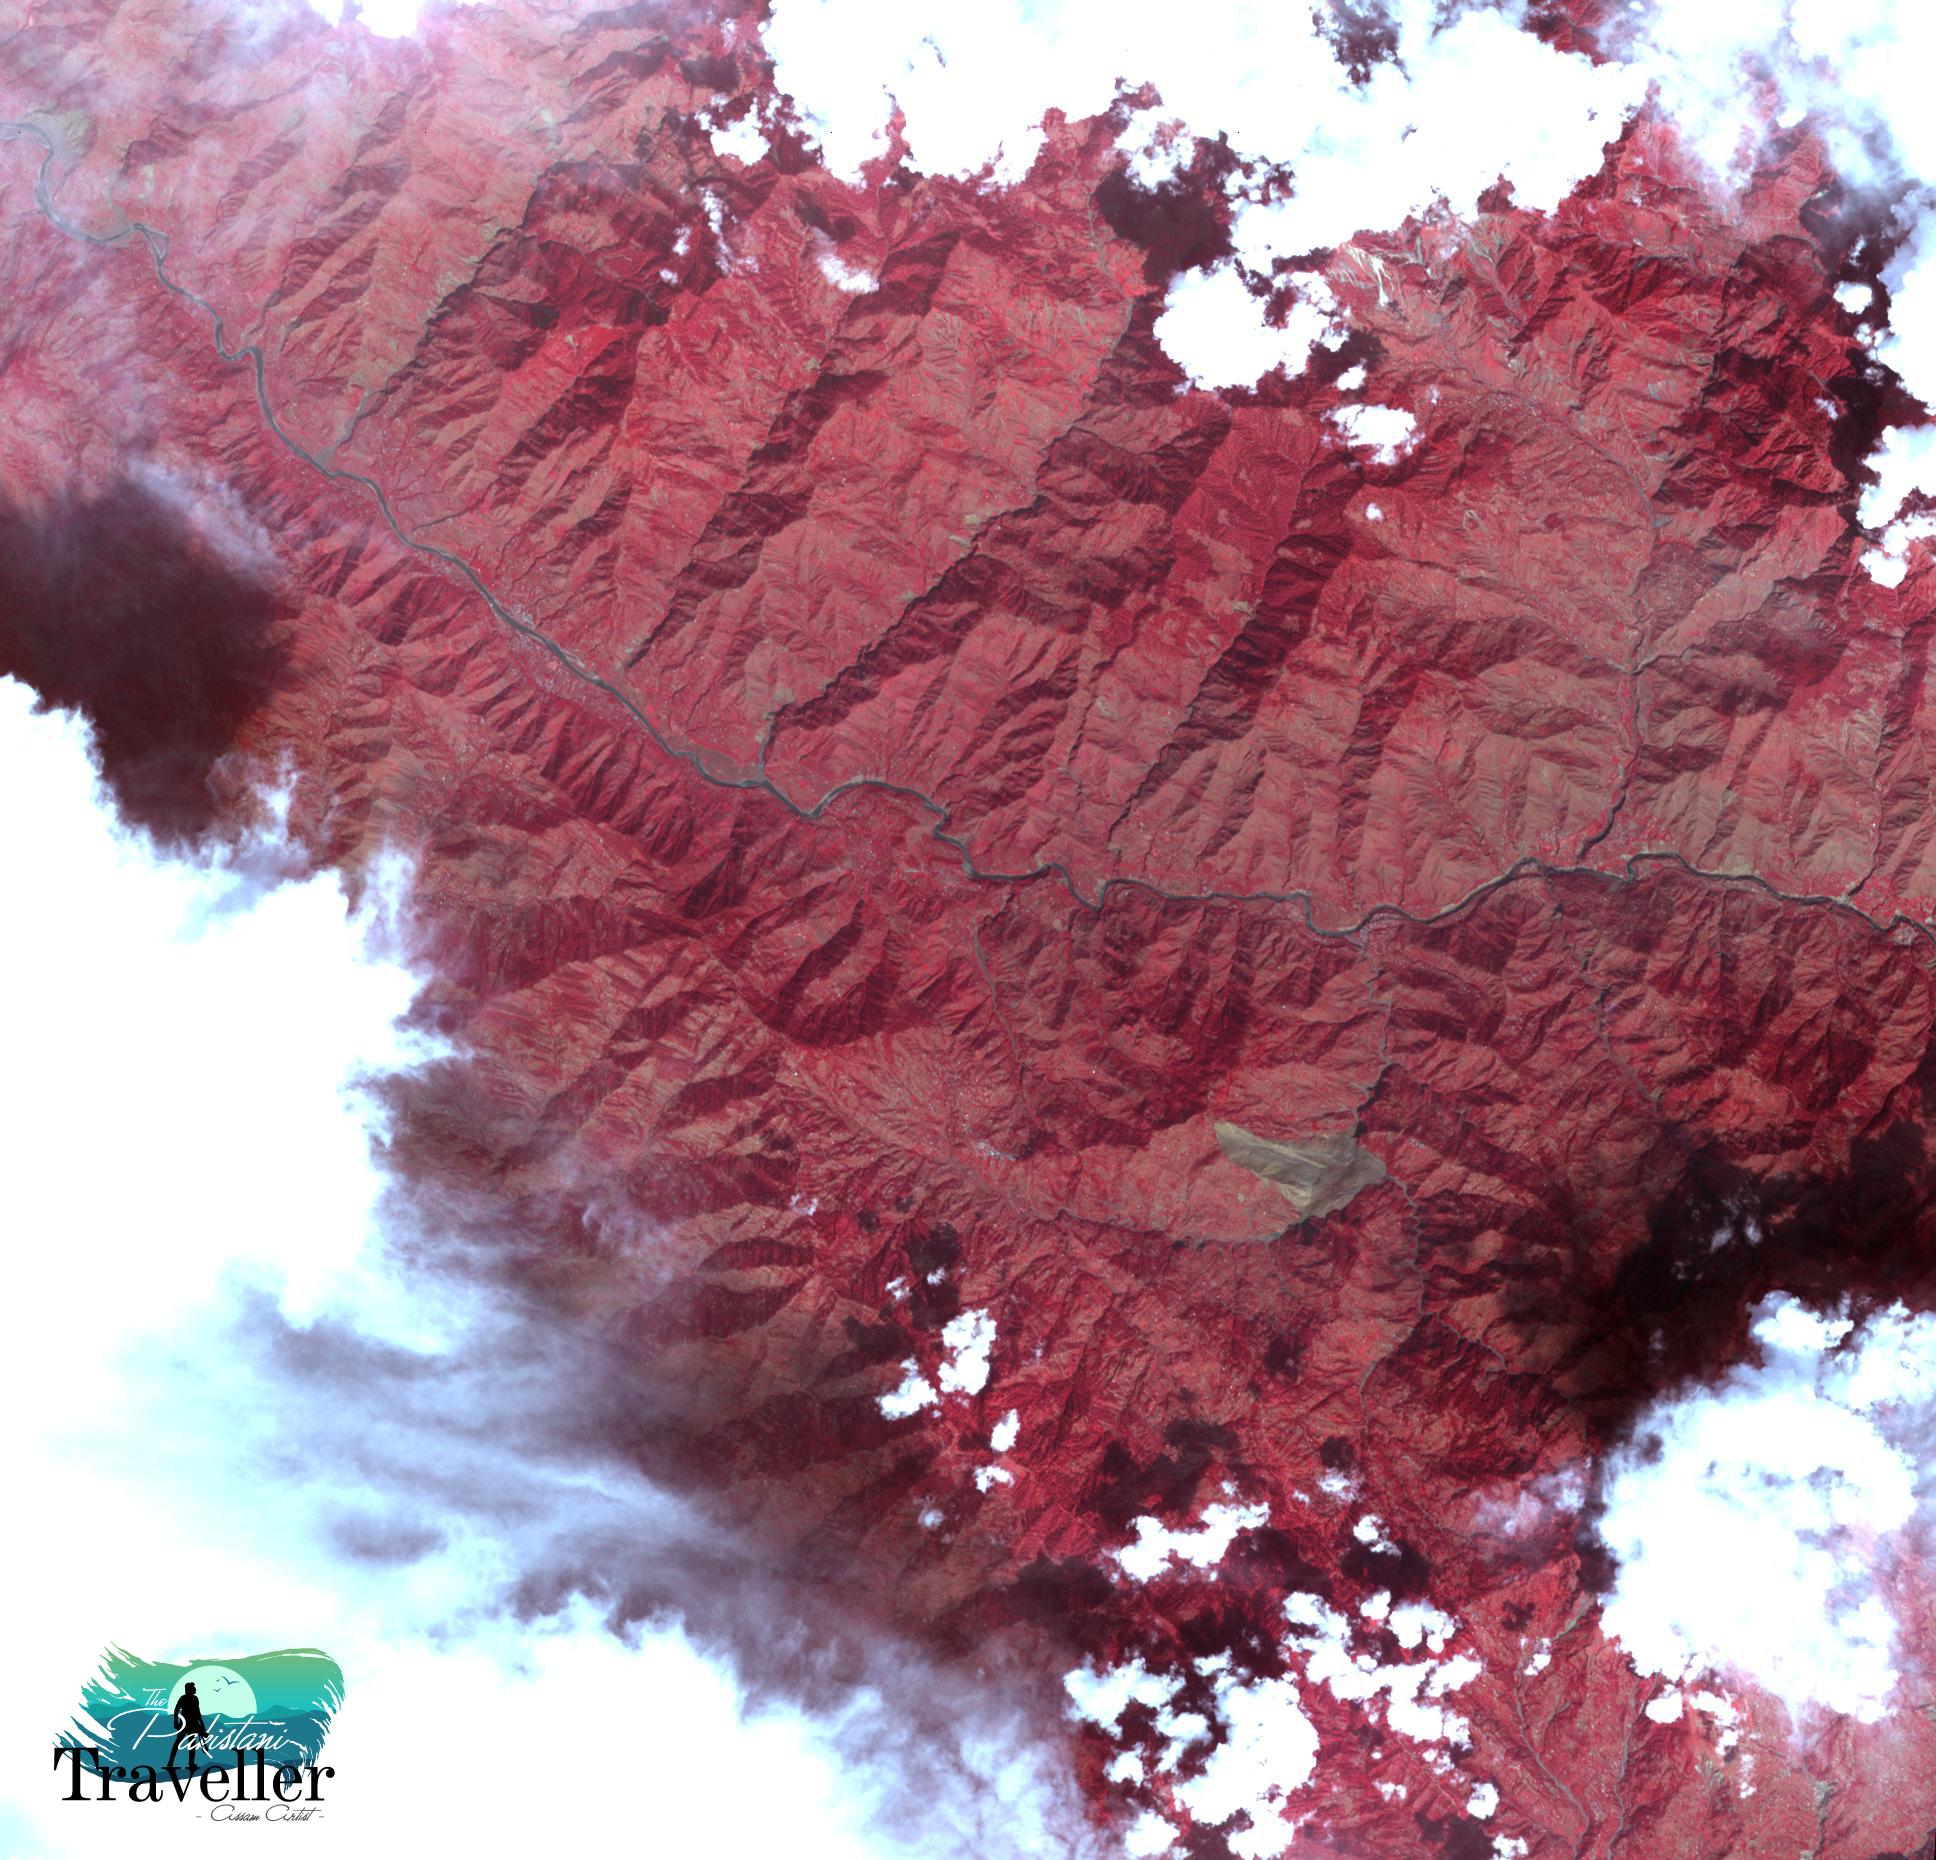 14. Landslide in Kashmir